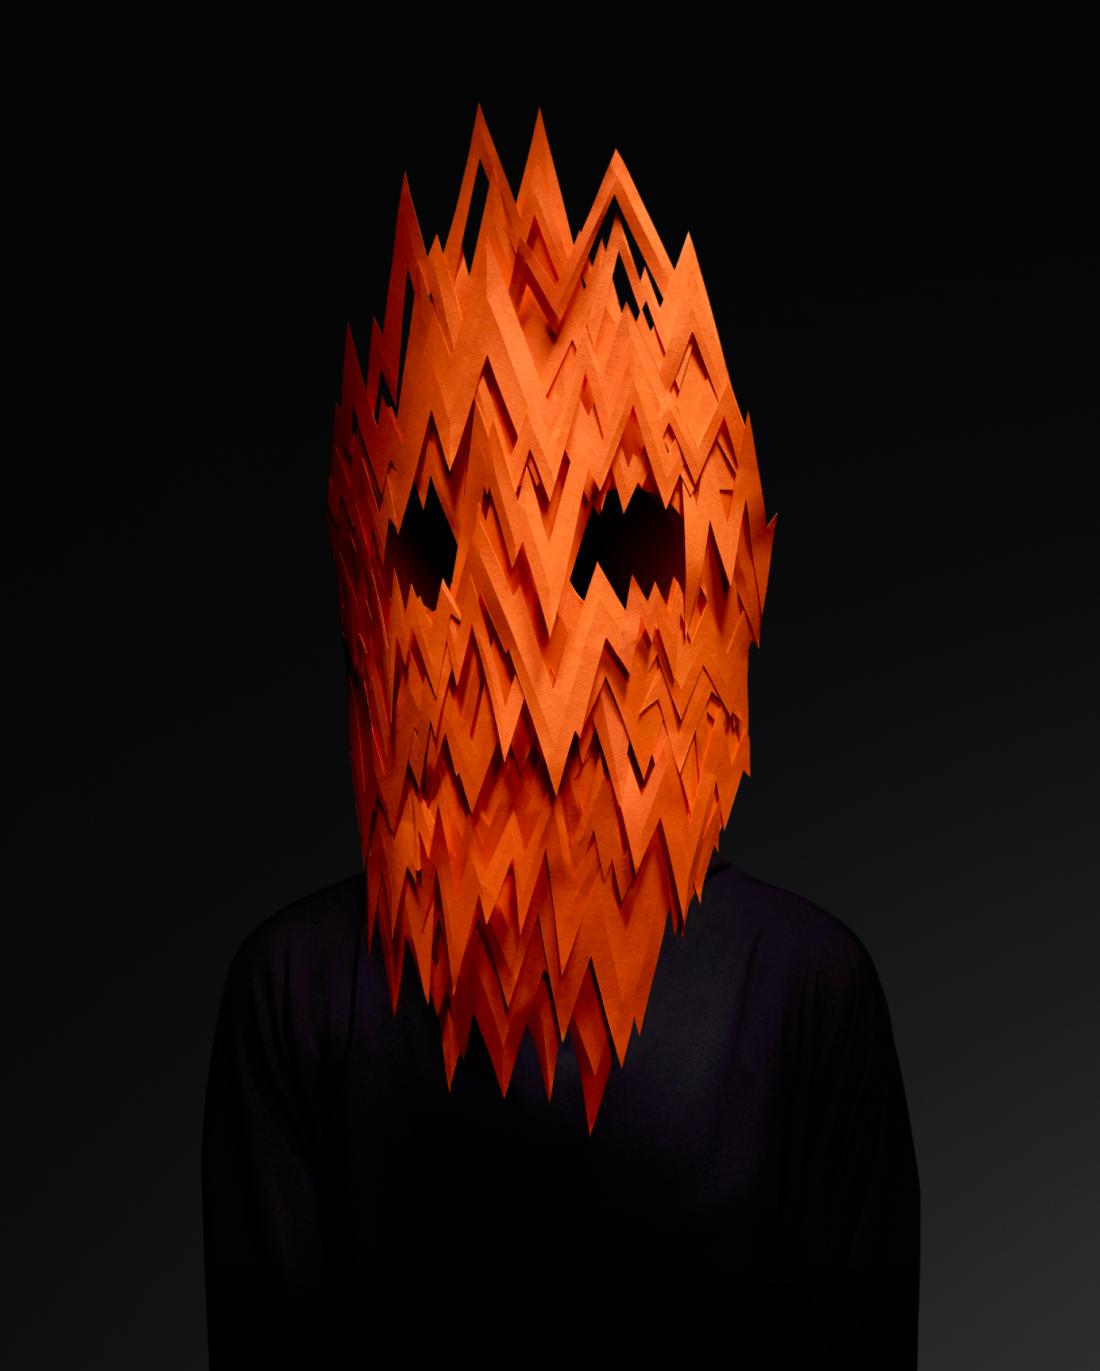 Une identité visuelle saisissante autour des émotions pour la biennale du design à Londres - étapes: